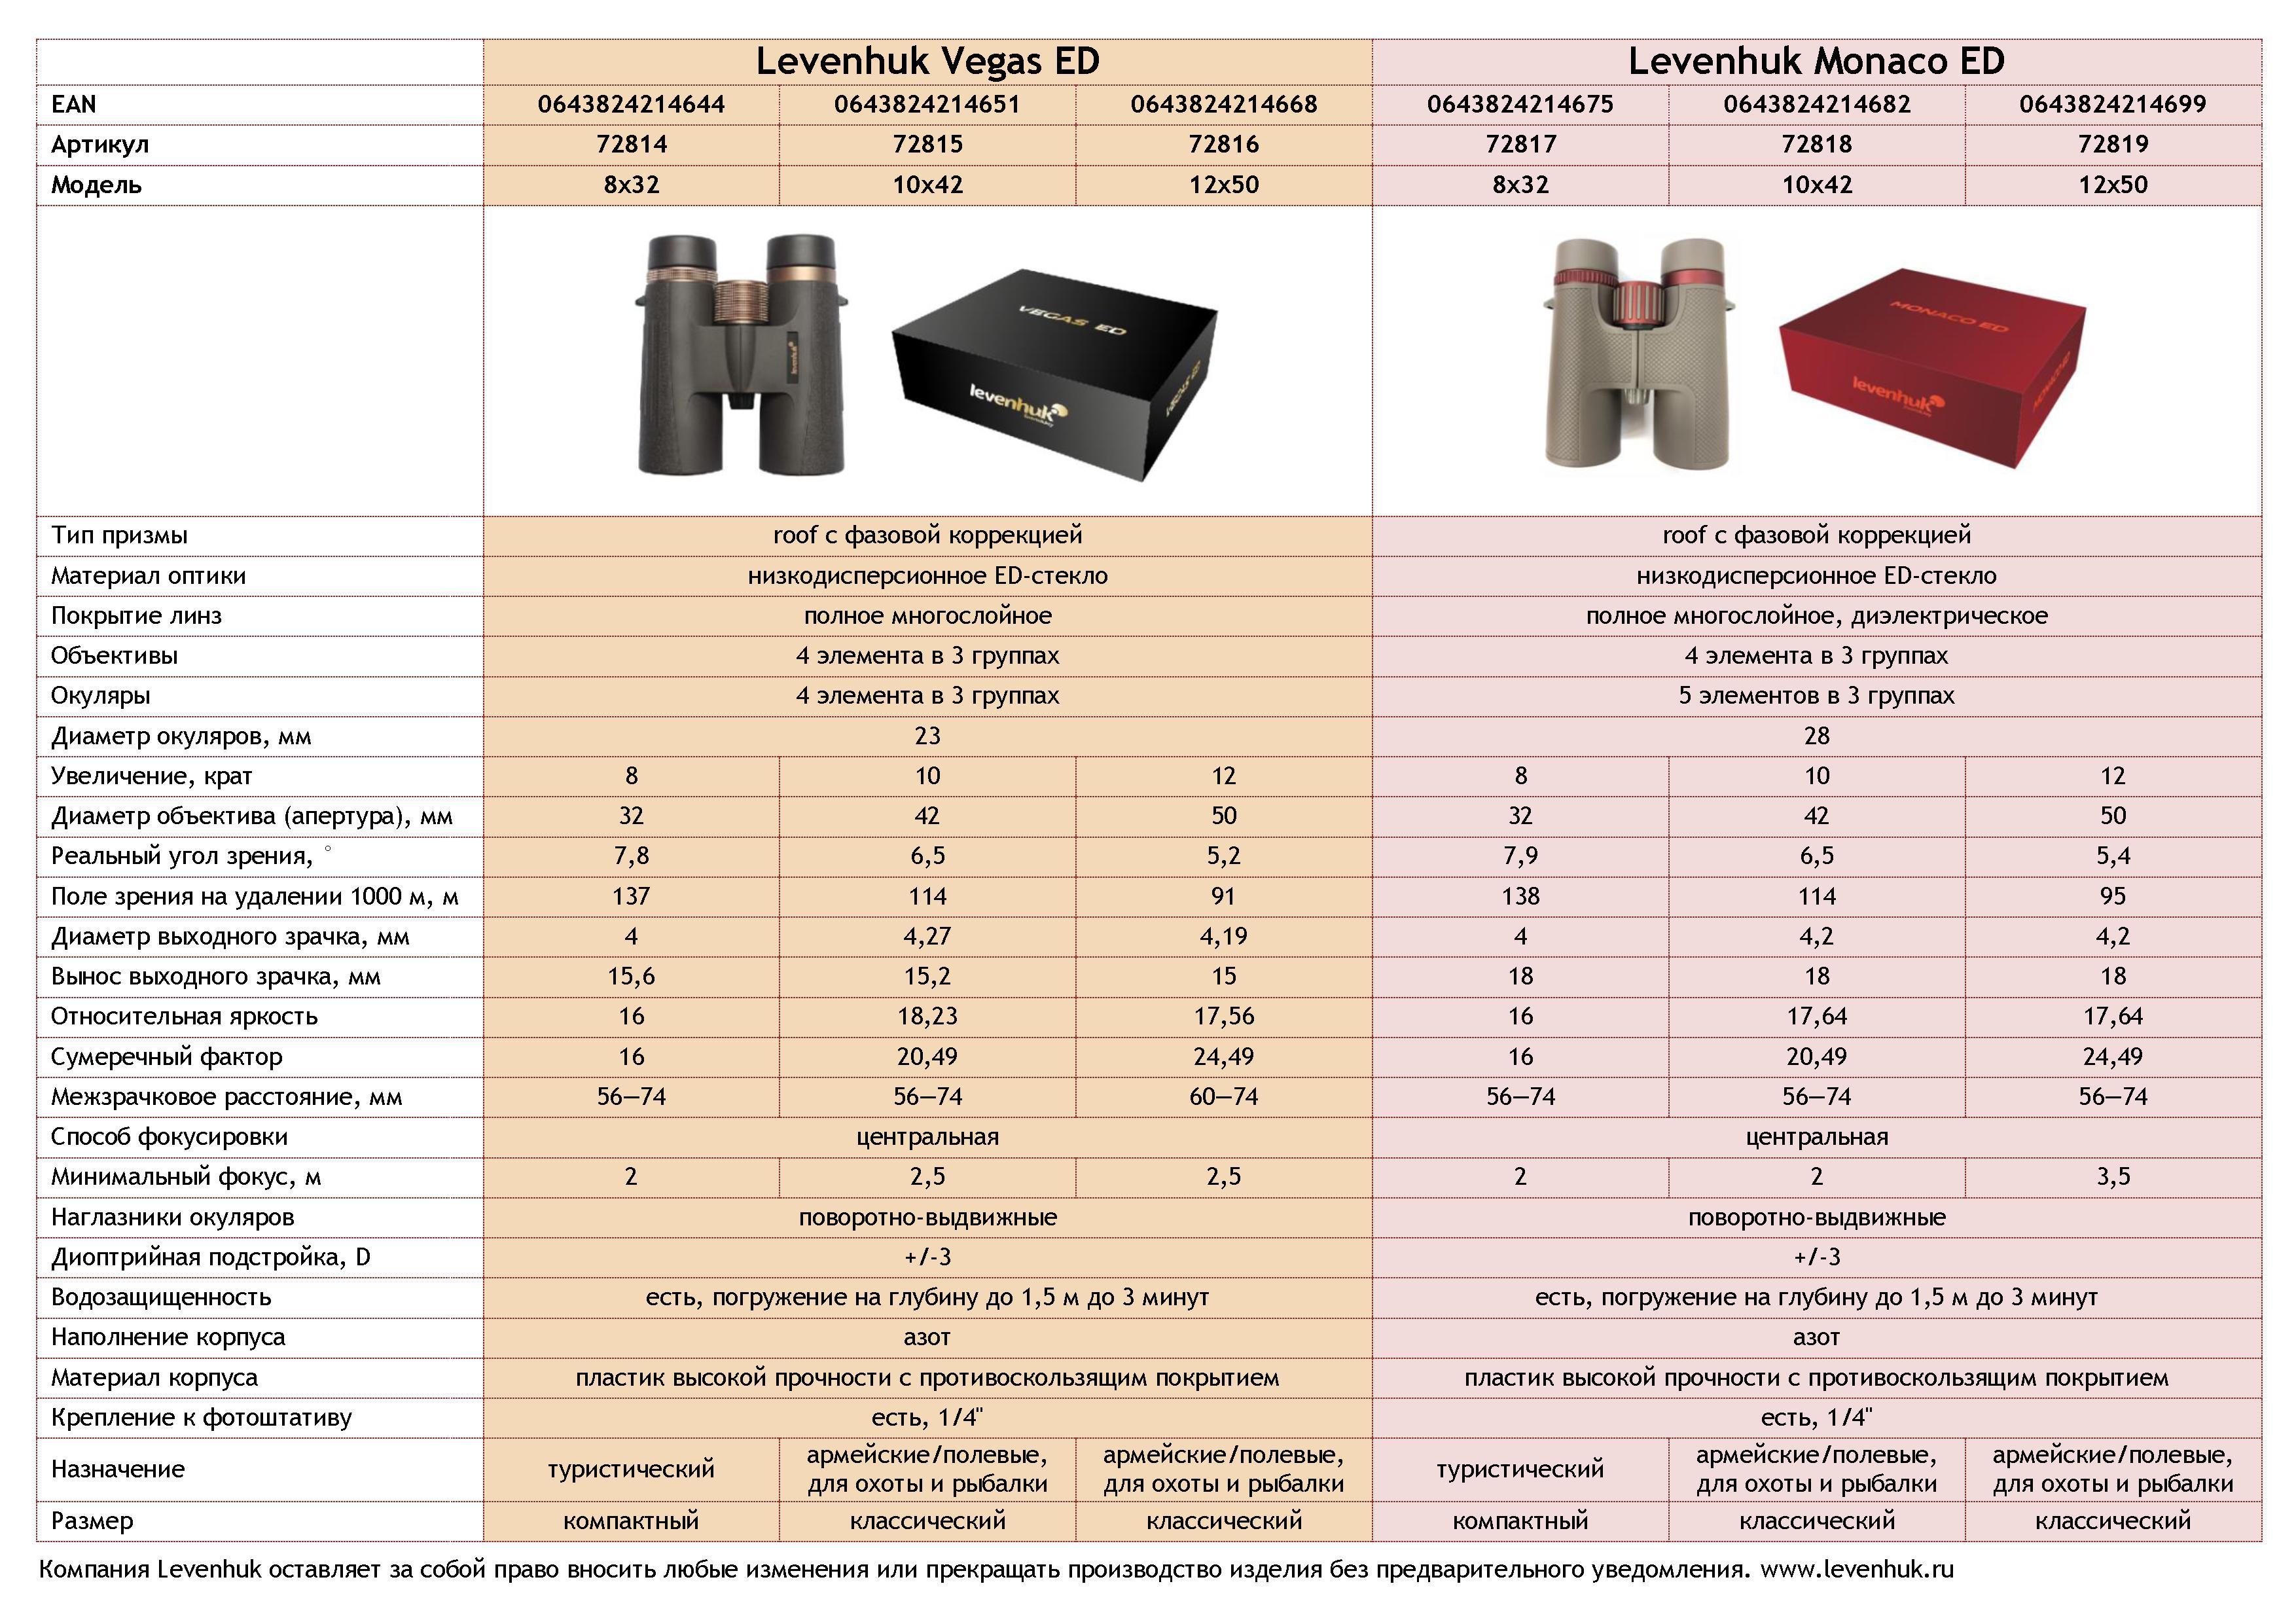 Levenhuk Monaco ED 12x50 купить Красноярск